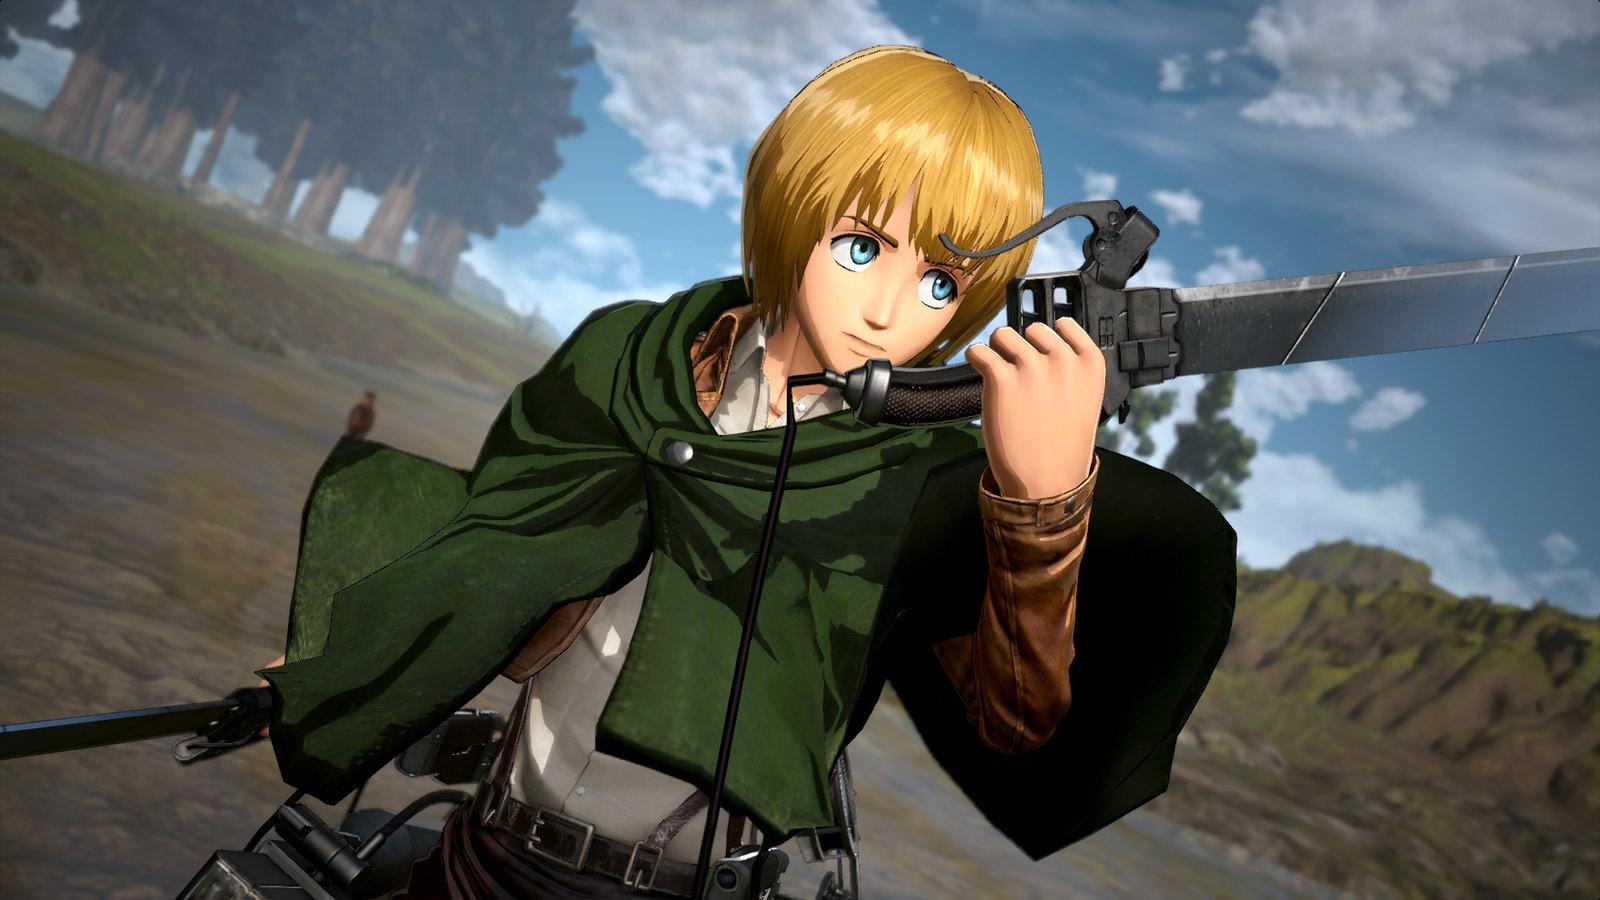 48129499397 cec8a5362b h - Werft einen ersten Blick auf den kolossalen neuen Helden, Titan Armin, in Attack on Titan 2: Final Battle